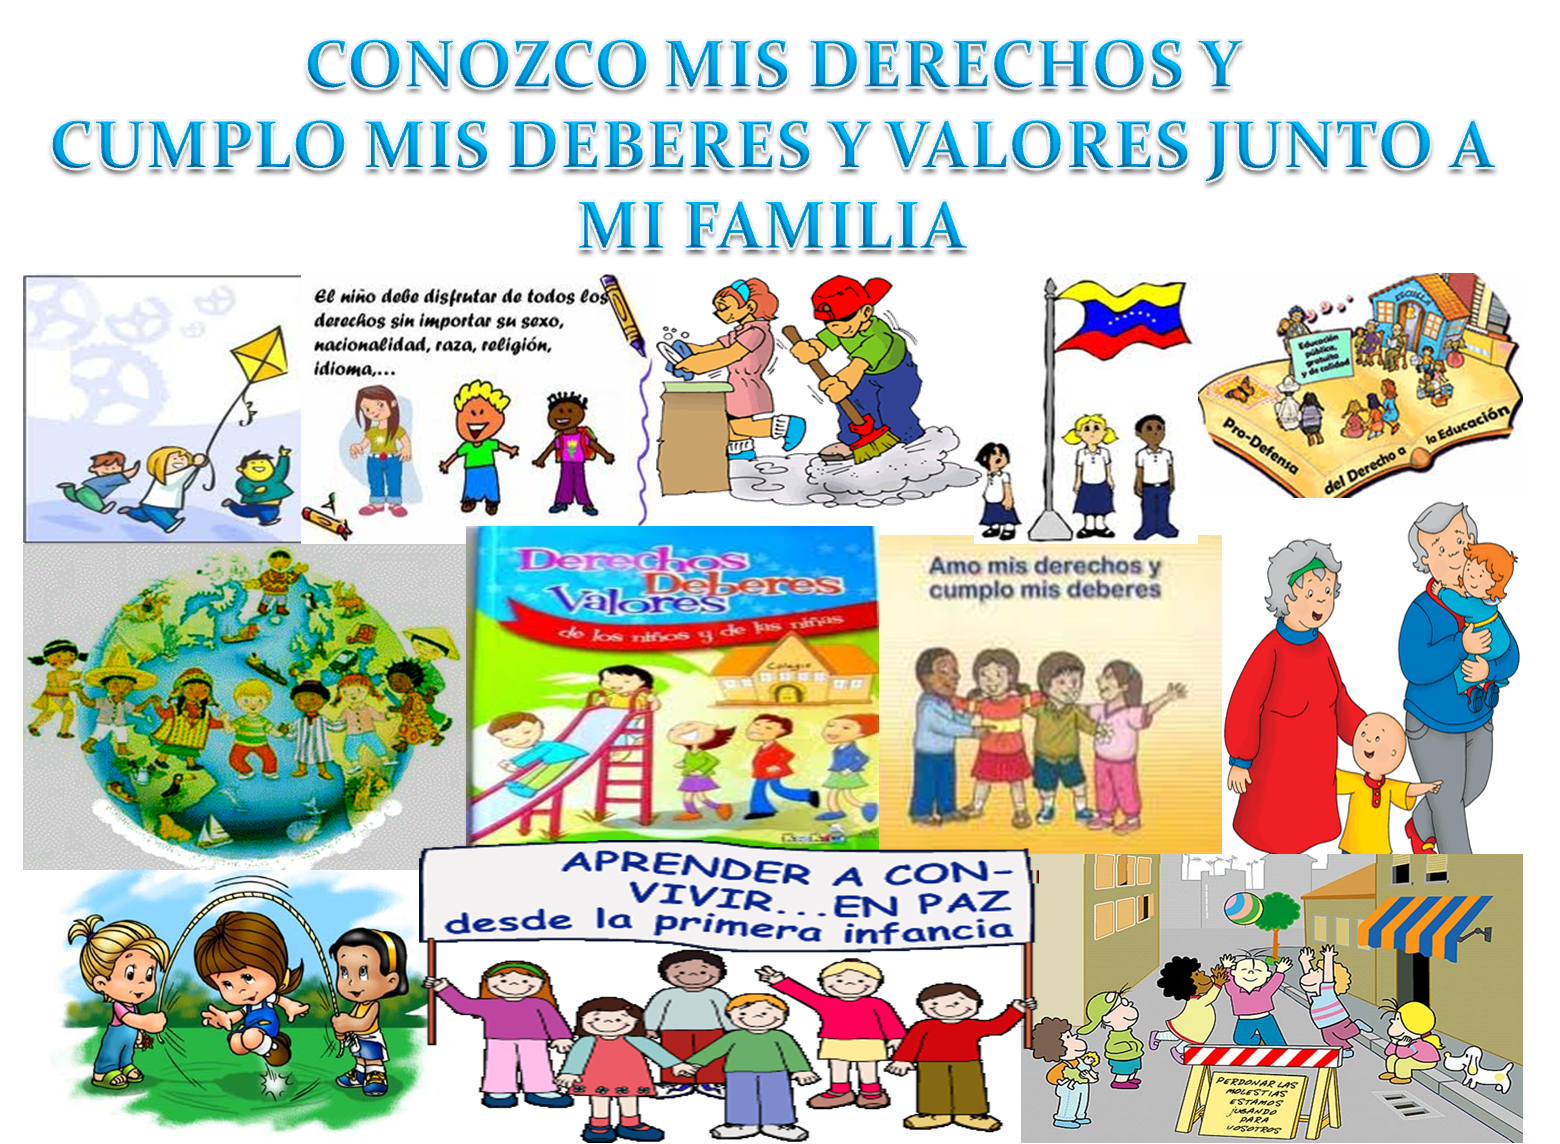 La Paz Violencia Infantil Y Los Derechos Deberes De Niños Pictures